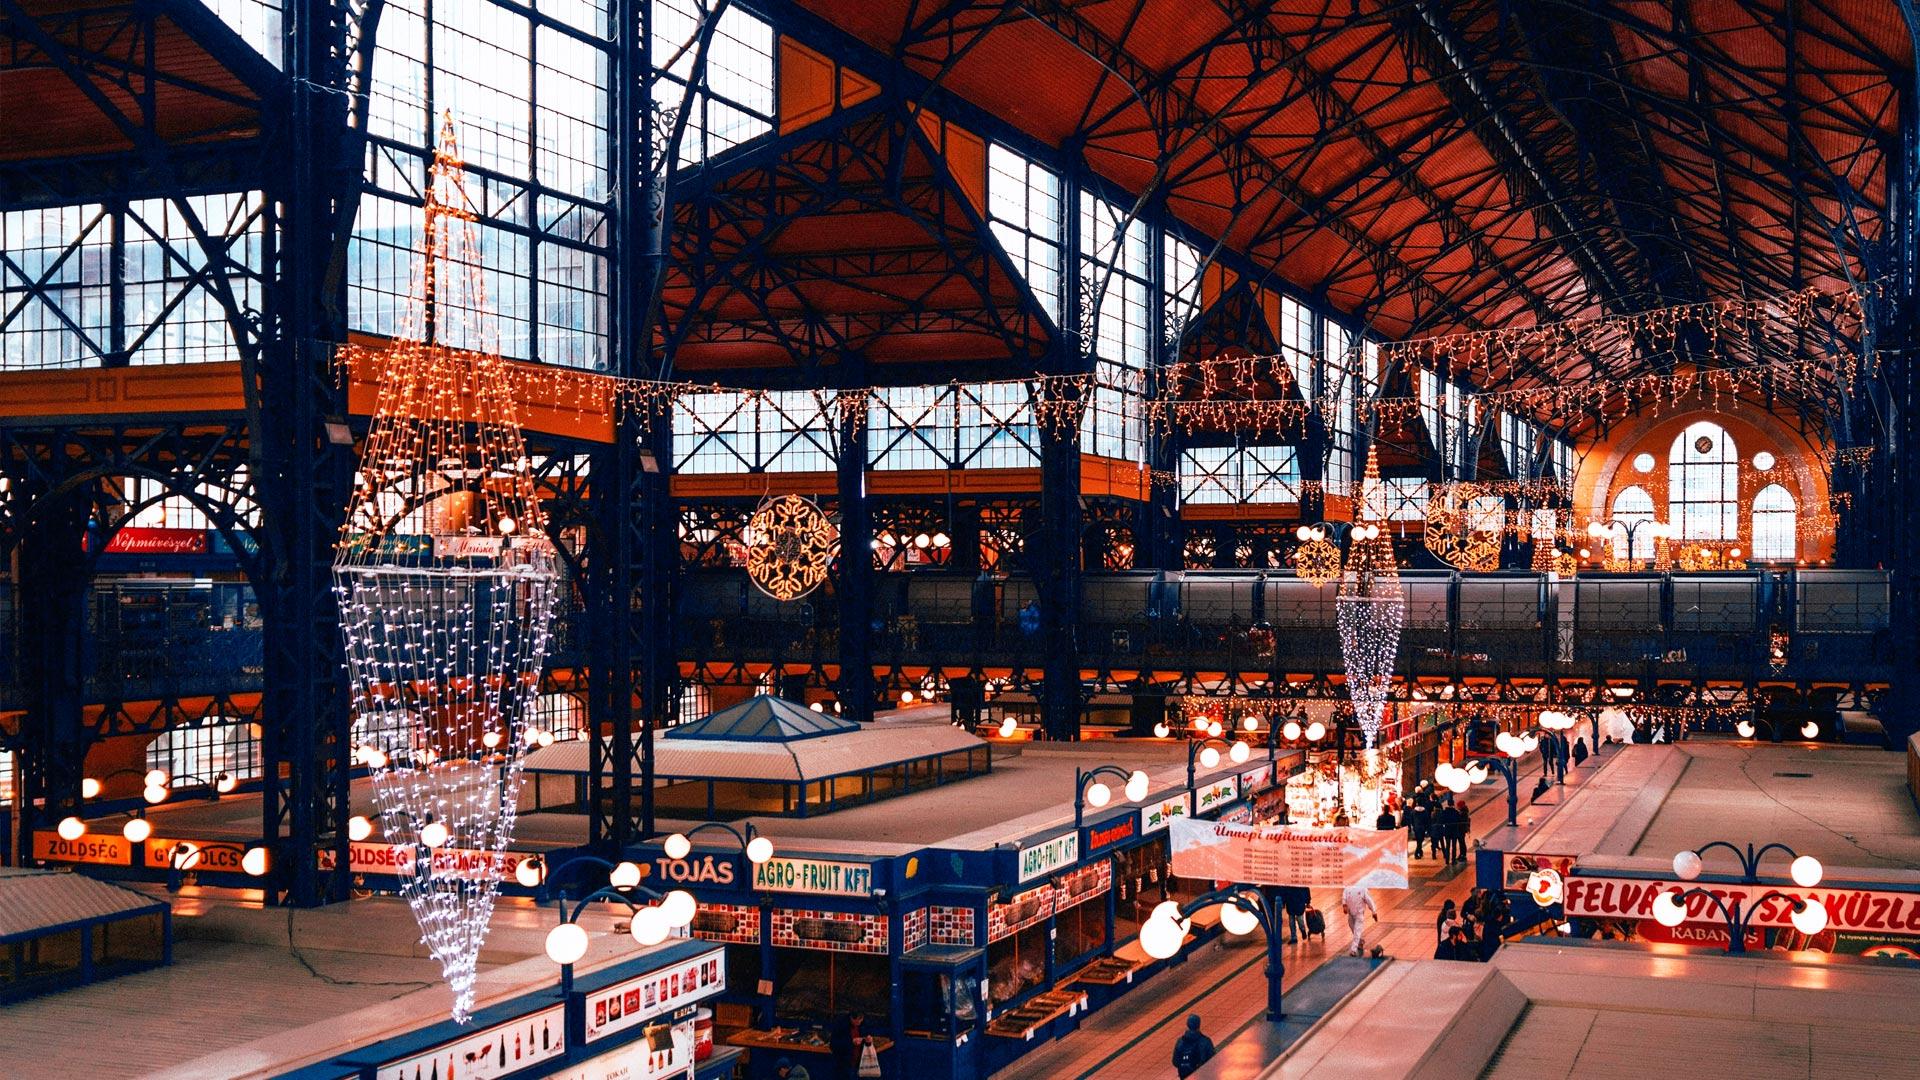 Wielka Hala Targowa (Central Market Hall) w Budapeszcie. Najsłynniejszy bazar w mieście